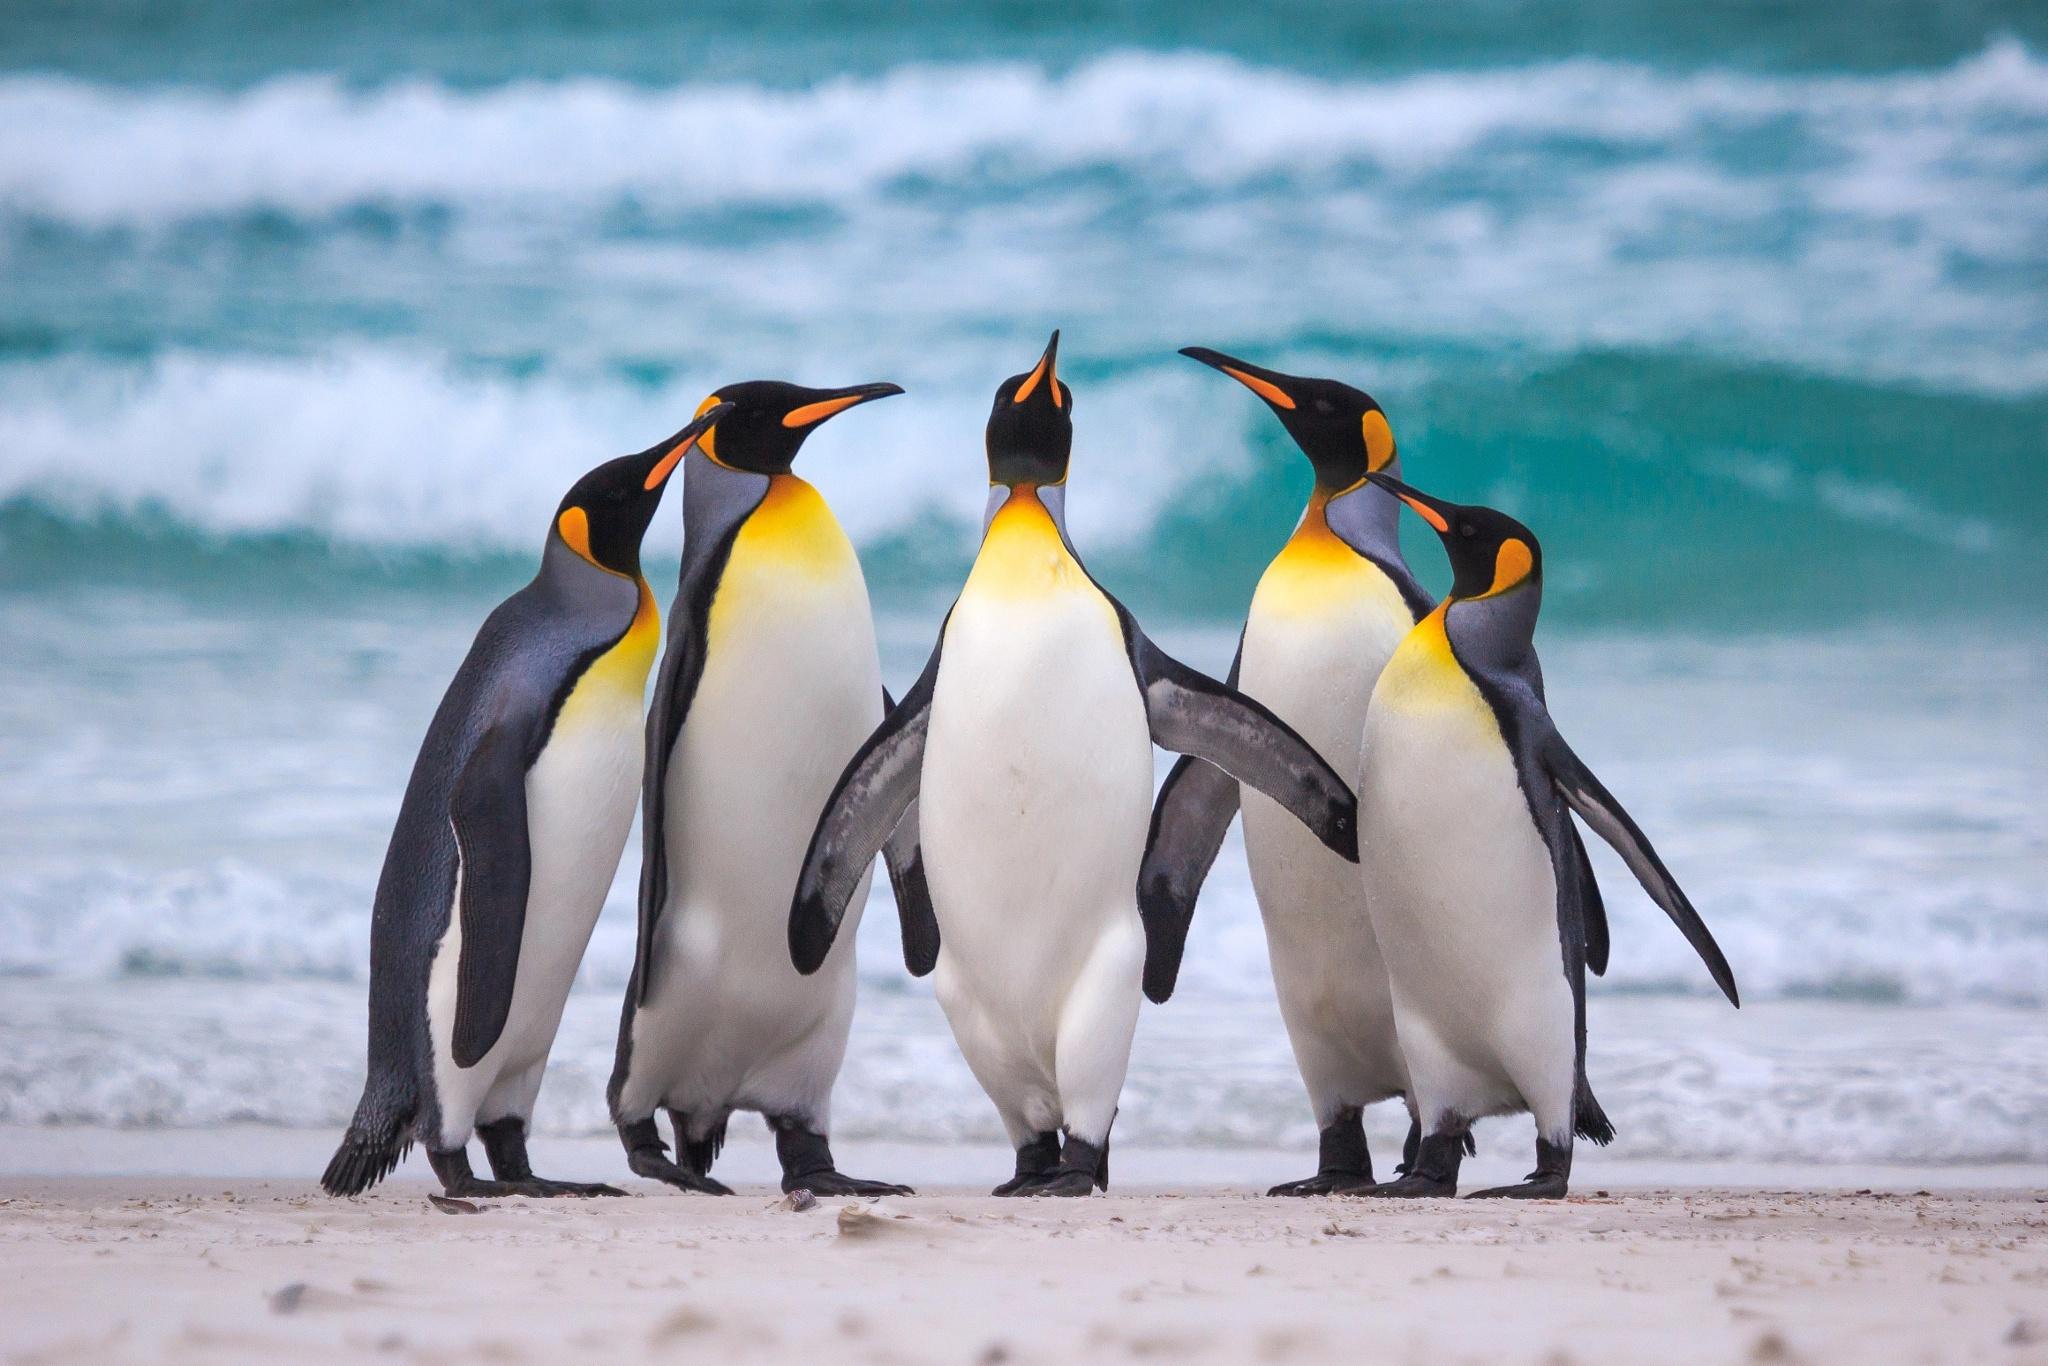 Năm chú chim cánh cụt hoàng đế đang rất fabulous